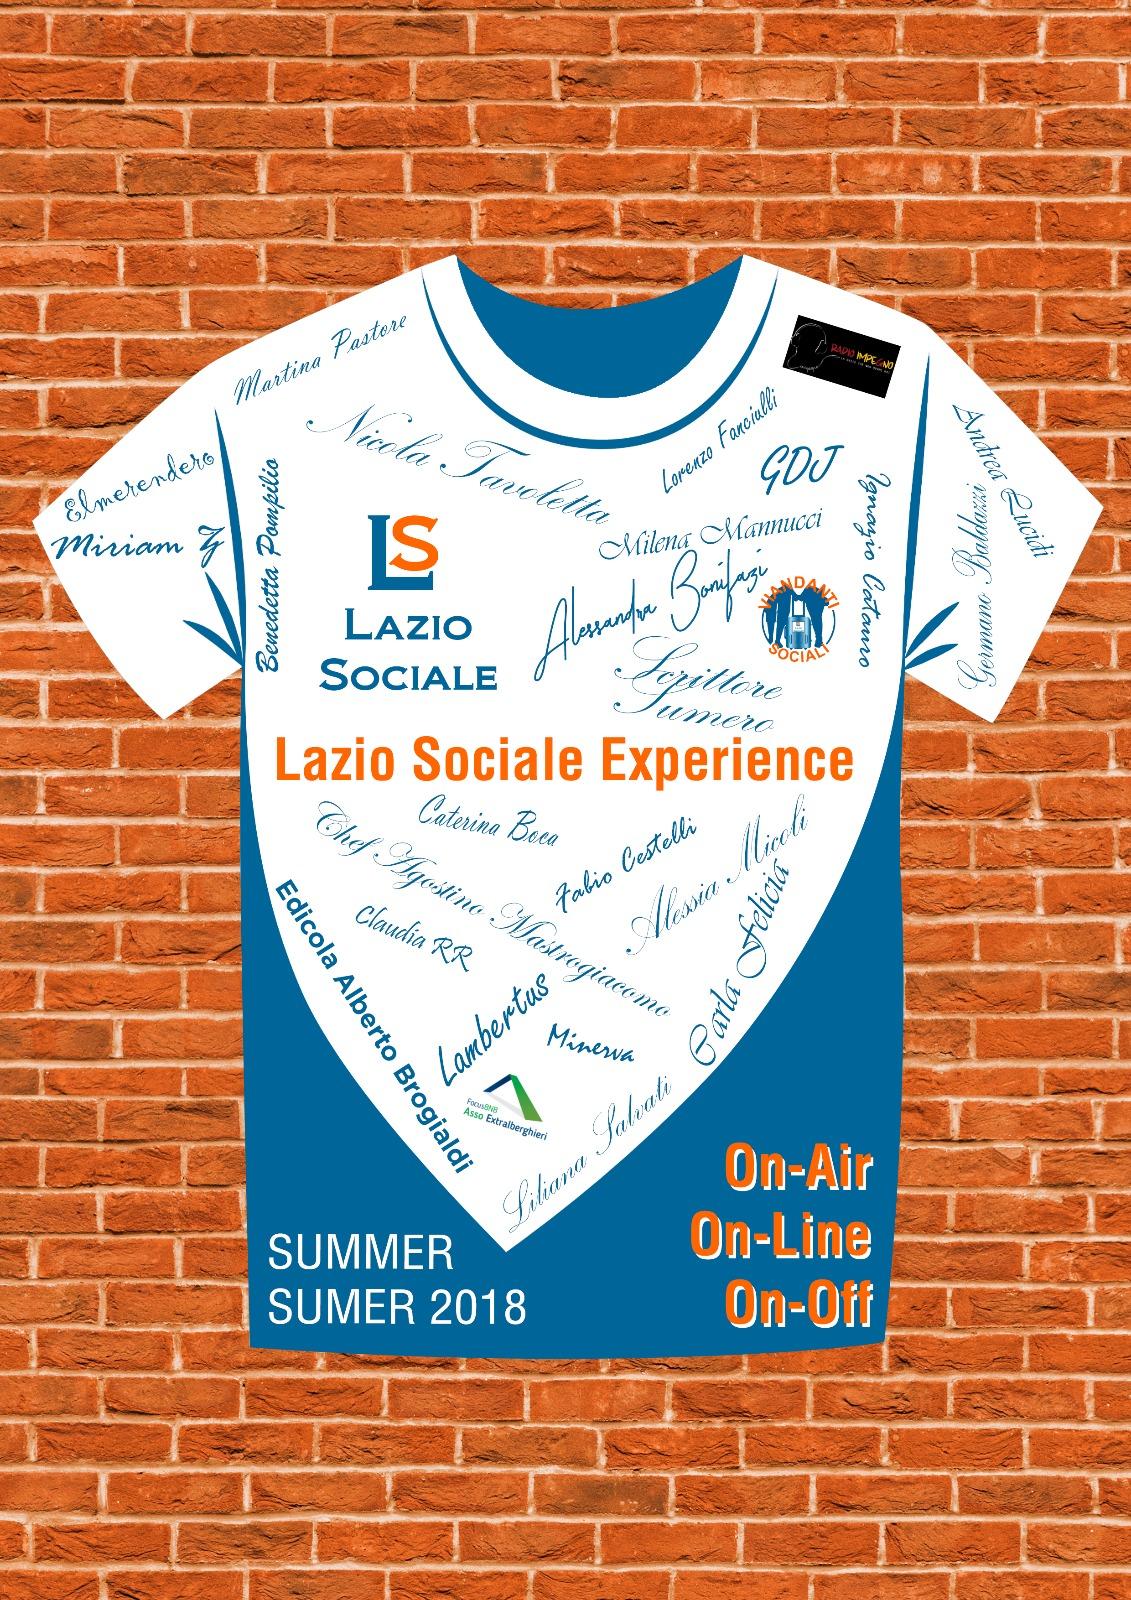 LAZIO SOCIALE: SUMMER SUMER2018